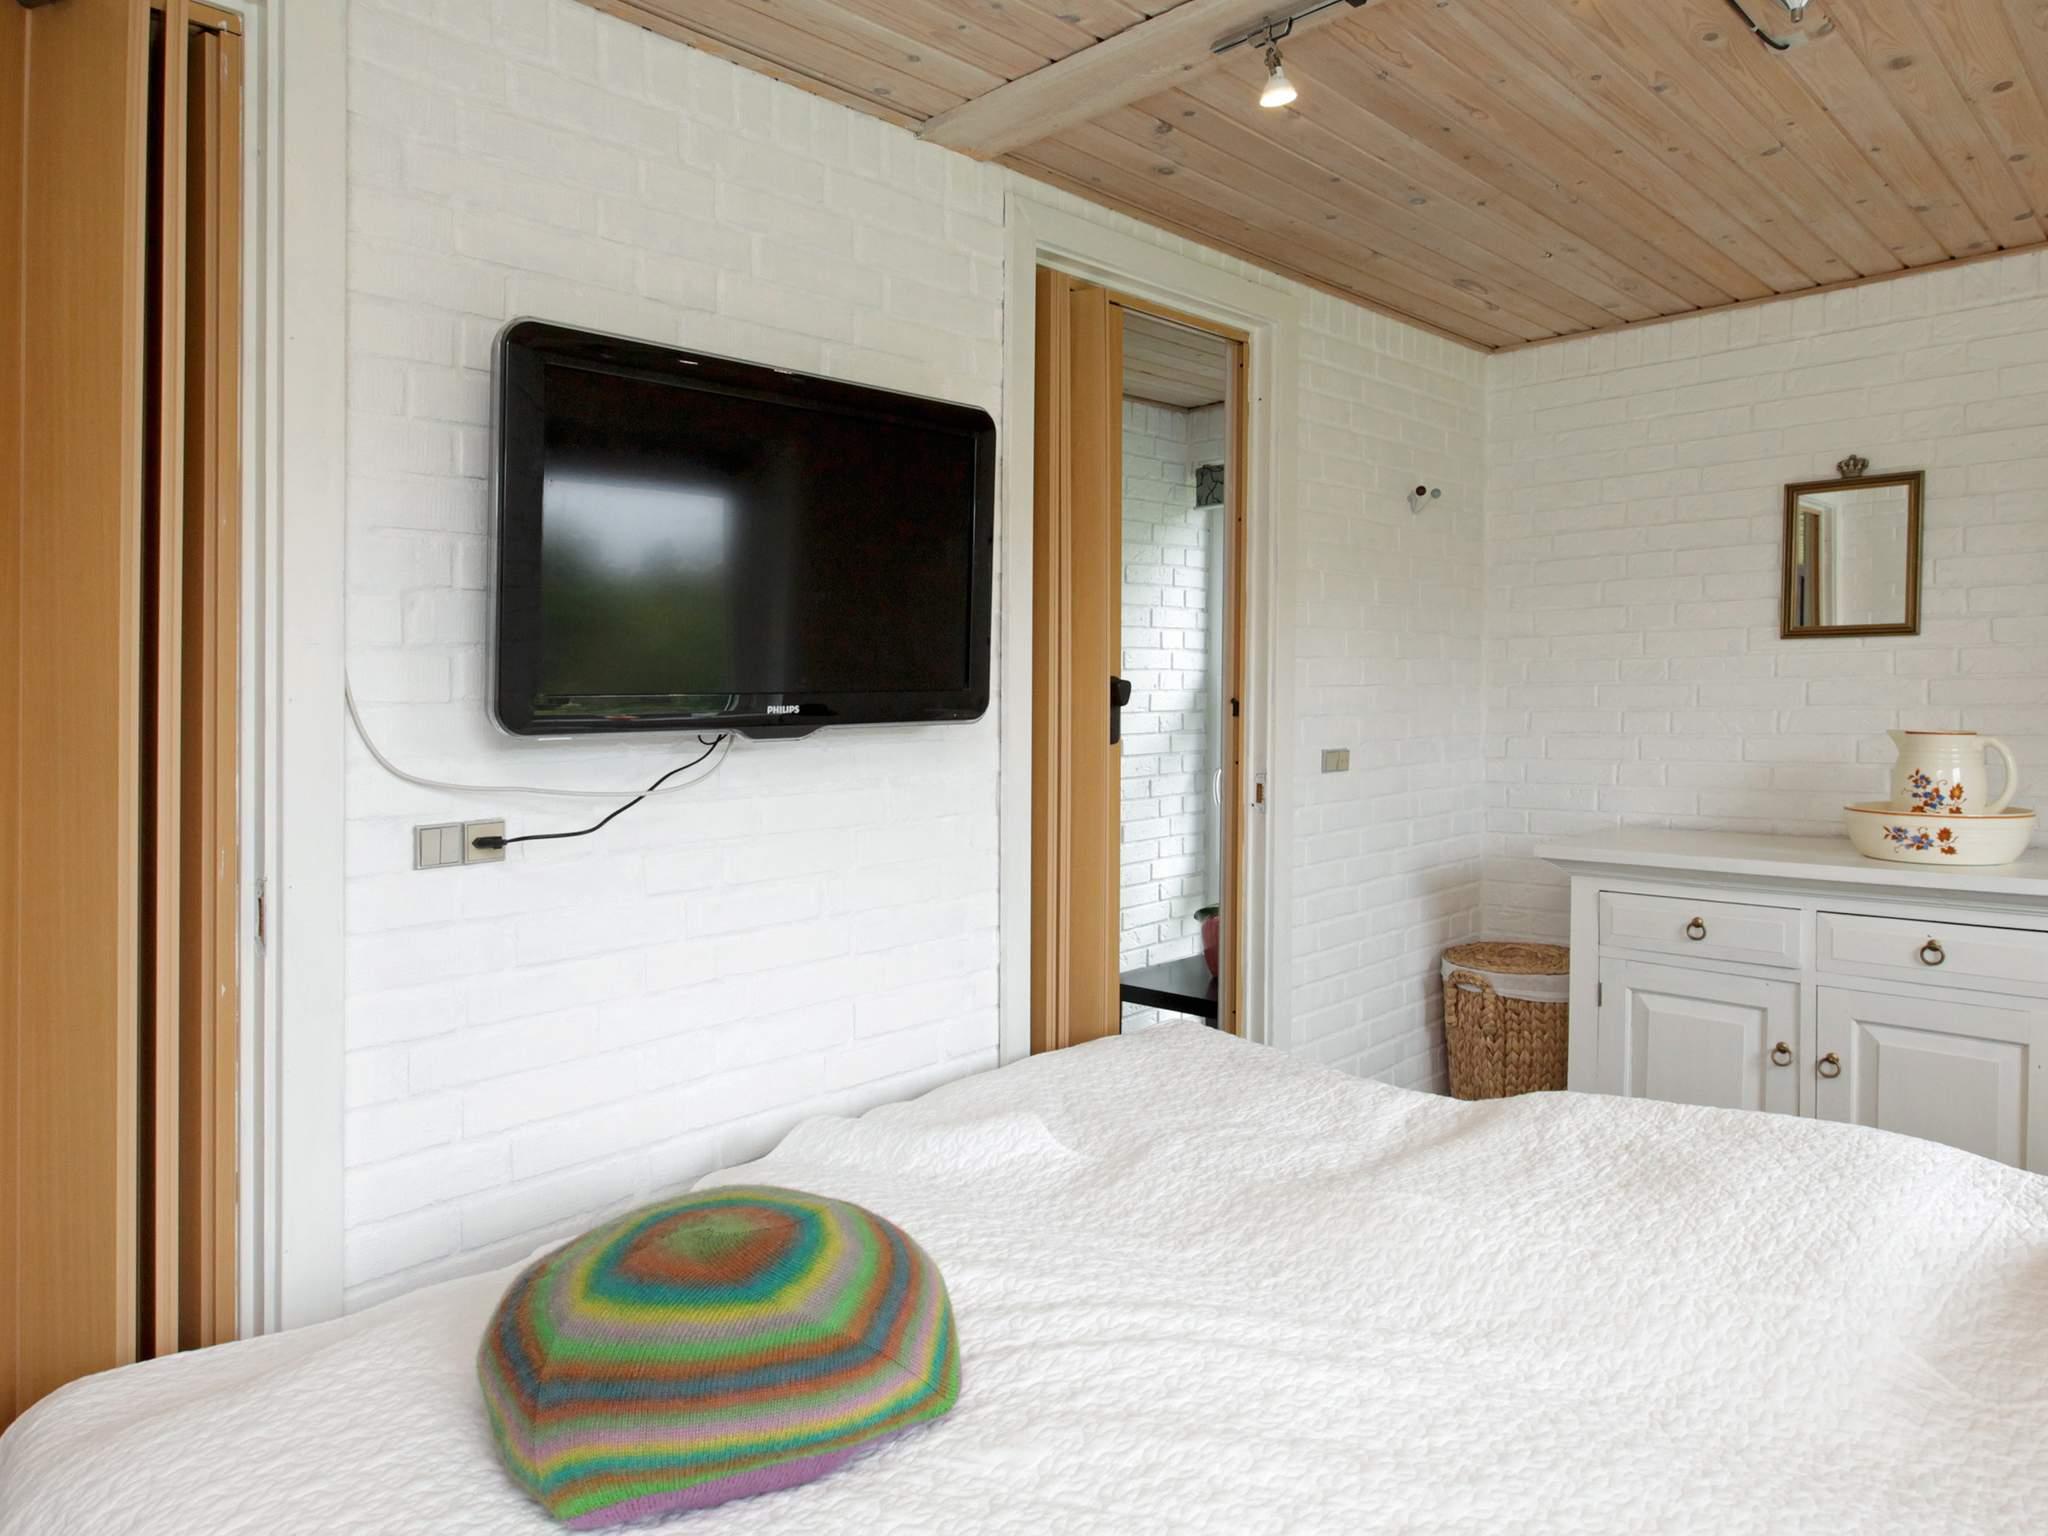 Ferienhaus Hals/Koldkær (359577), Hals, , Nordostjütland, Dänemark, Bild 11